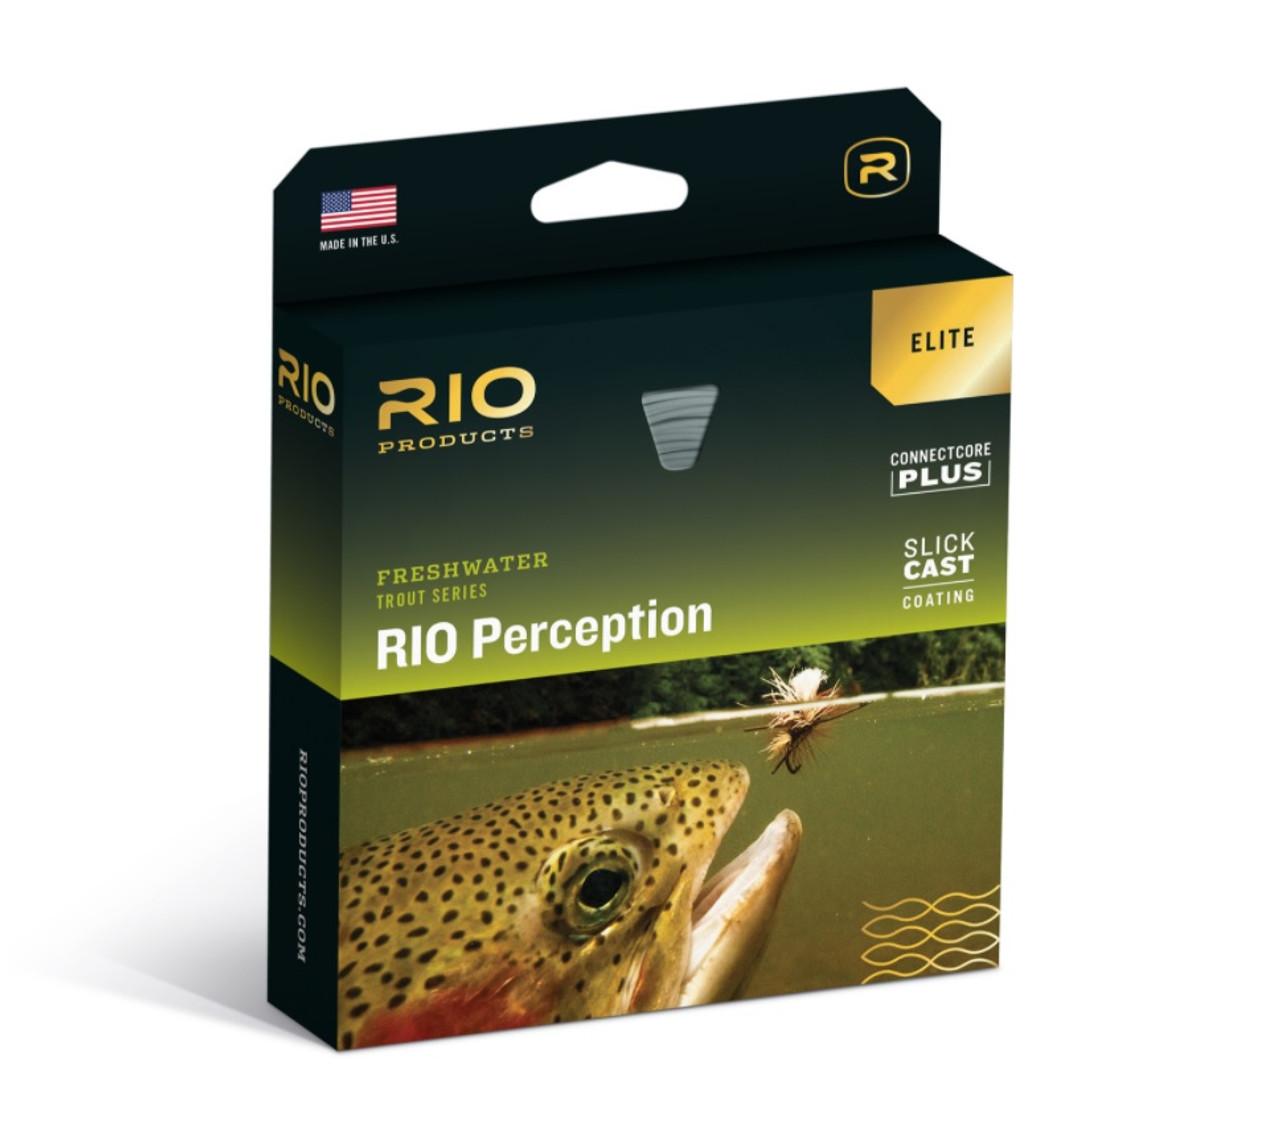 RIO Elite Rio Perception Fly Fishing Line